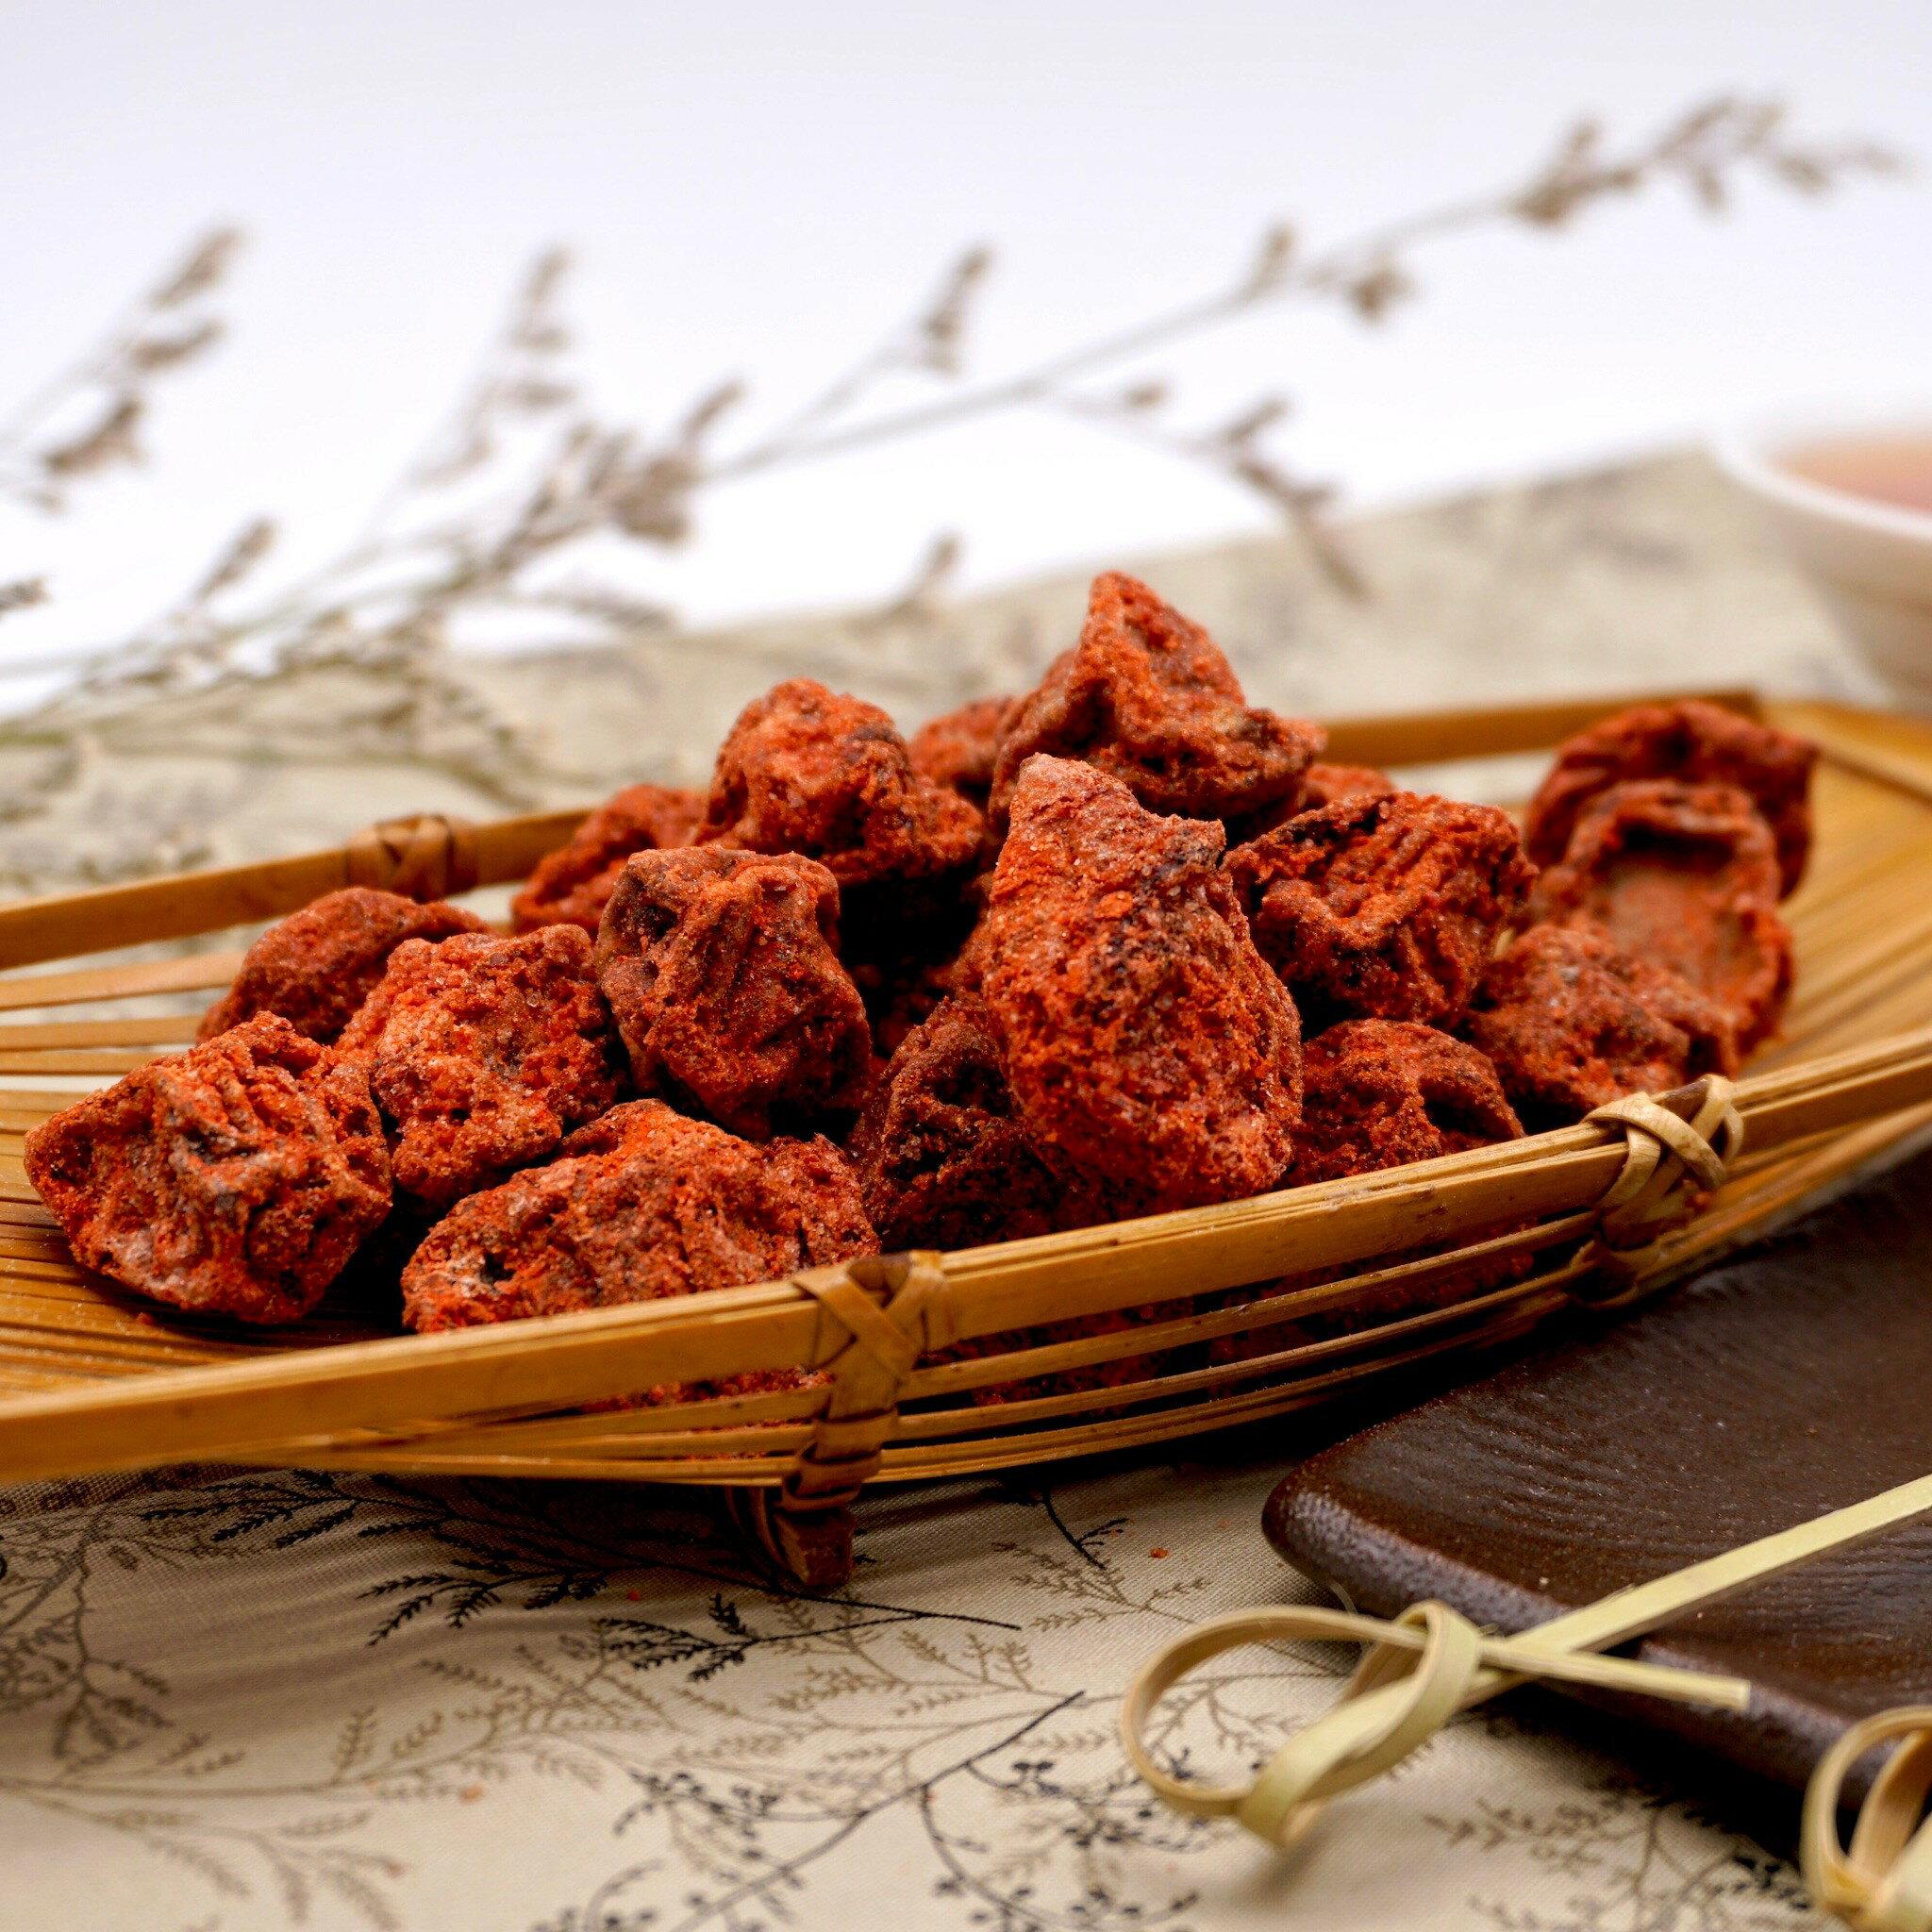 嘴甜甜 紅話梅 200公克 蜜餞系列 白話梅 泡茶 梅子 調理話梅 蜜餞 果乾 古早味零食 台灣蜜餞 青梅 黃梅 素食 現貨